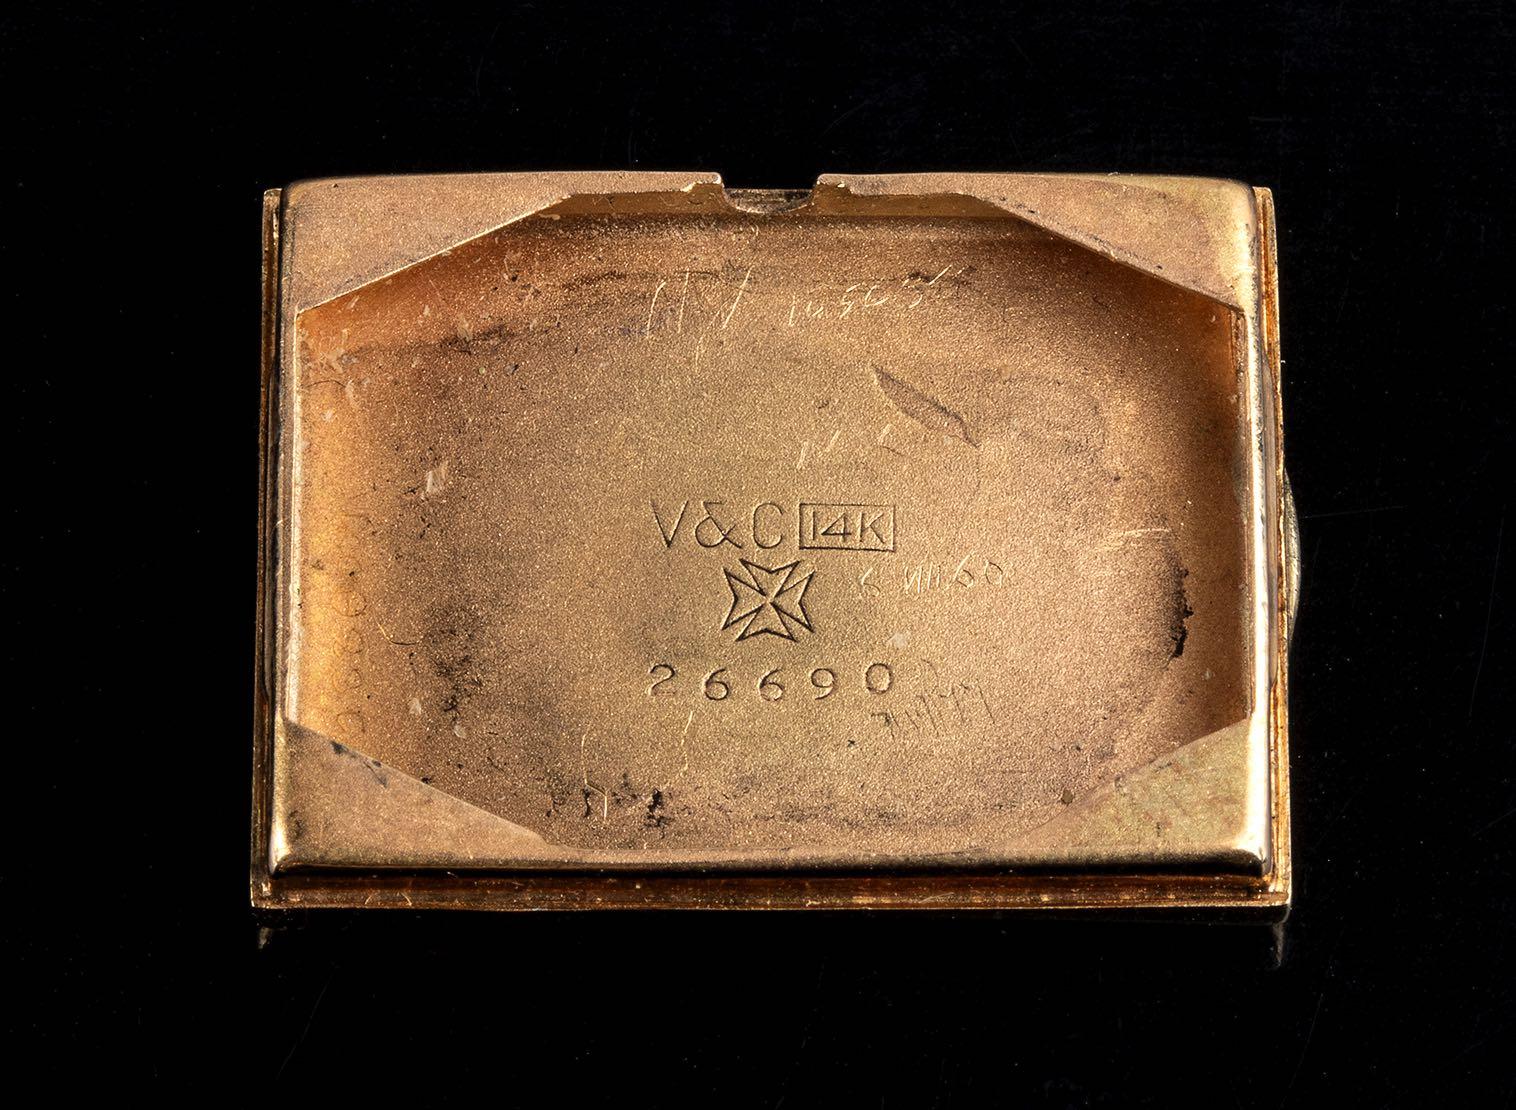 Vacheron Constantin Rectangular 14 kt gold case 1930 circa - Image 3 of 3